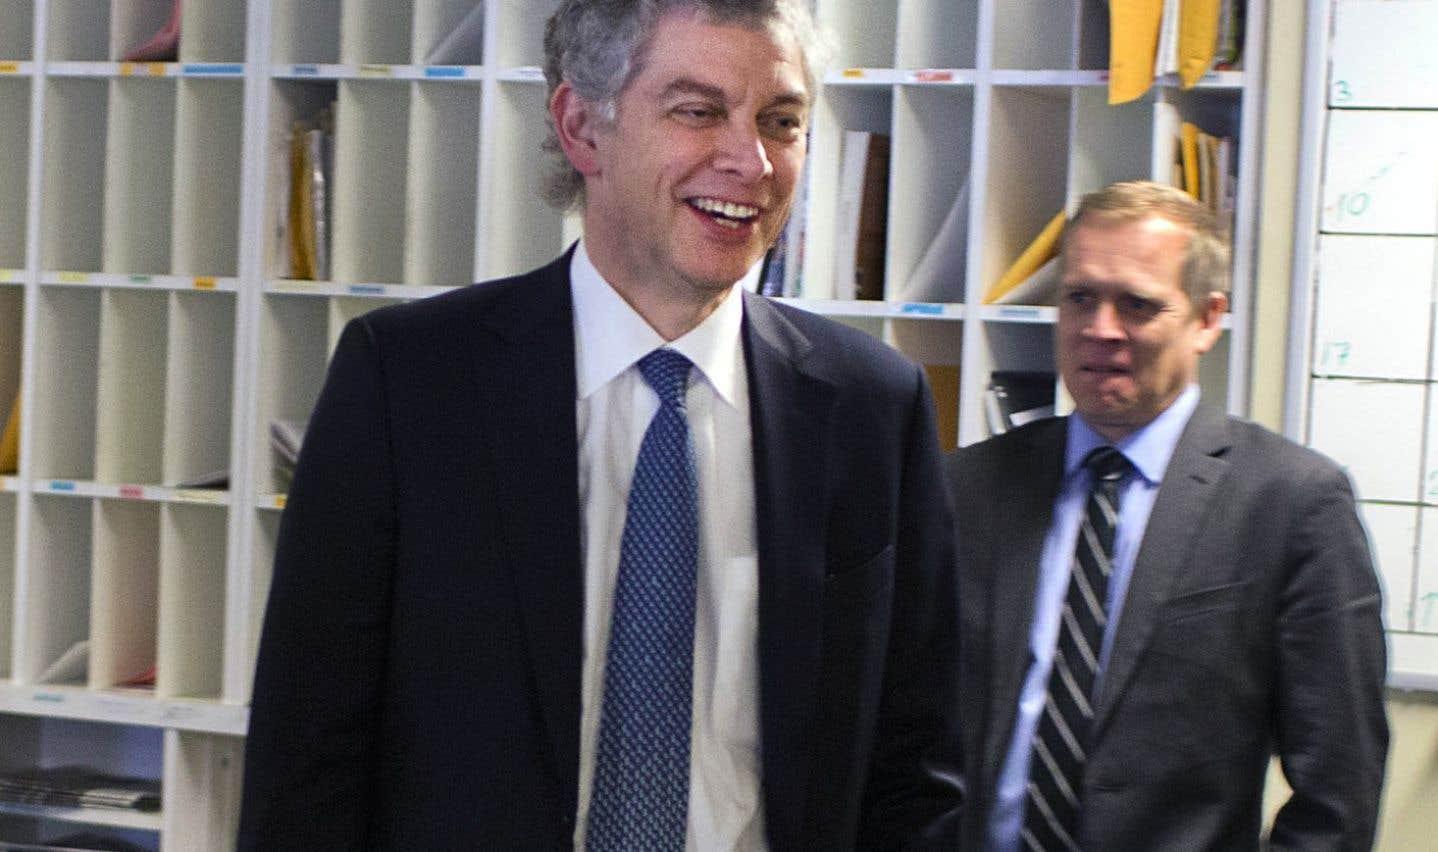 Jean Lamarre assumait la présidence du conseil d'administration du «Devoir» depuis 2009. Il a annoncé en janvier 2016 la nomination de Brian Myles au poste de directeur.